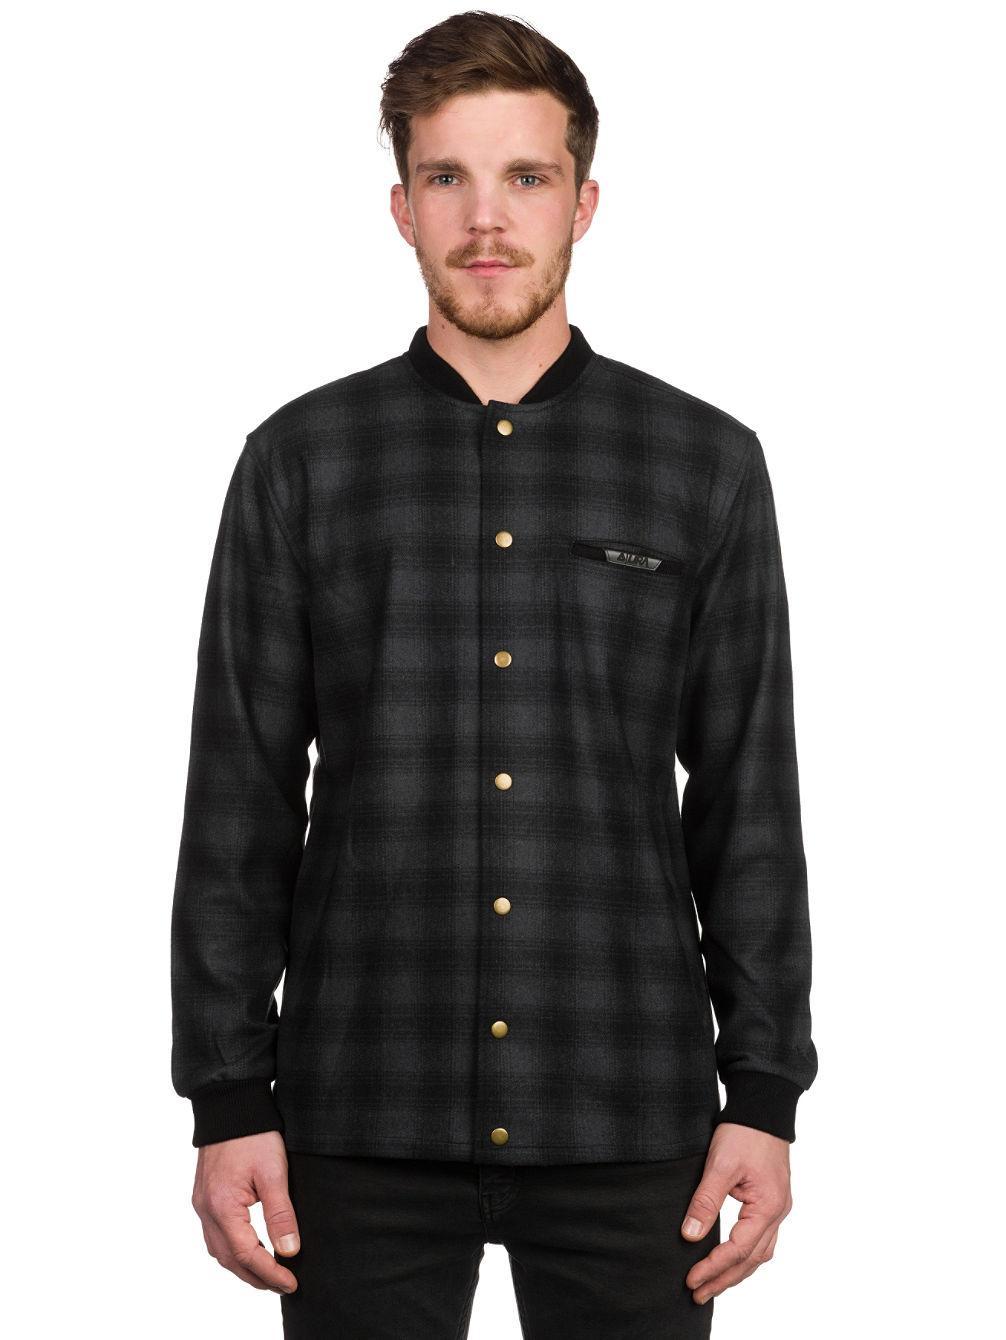 lira-avenue-jacket